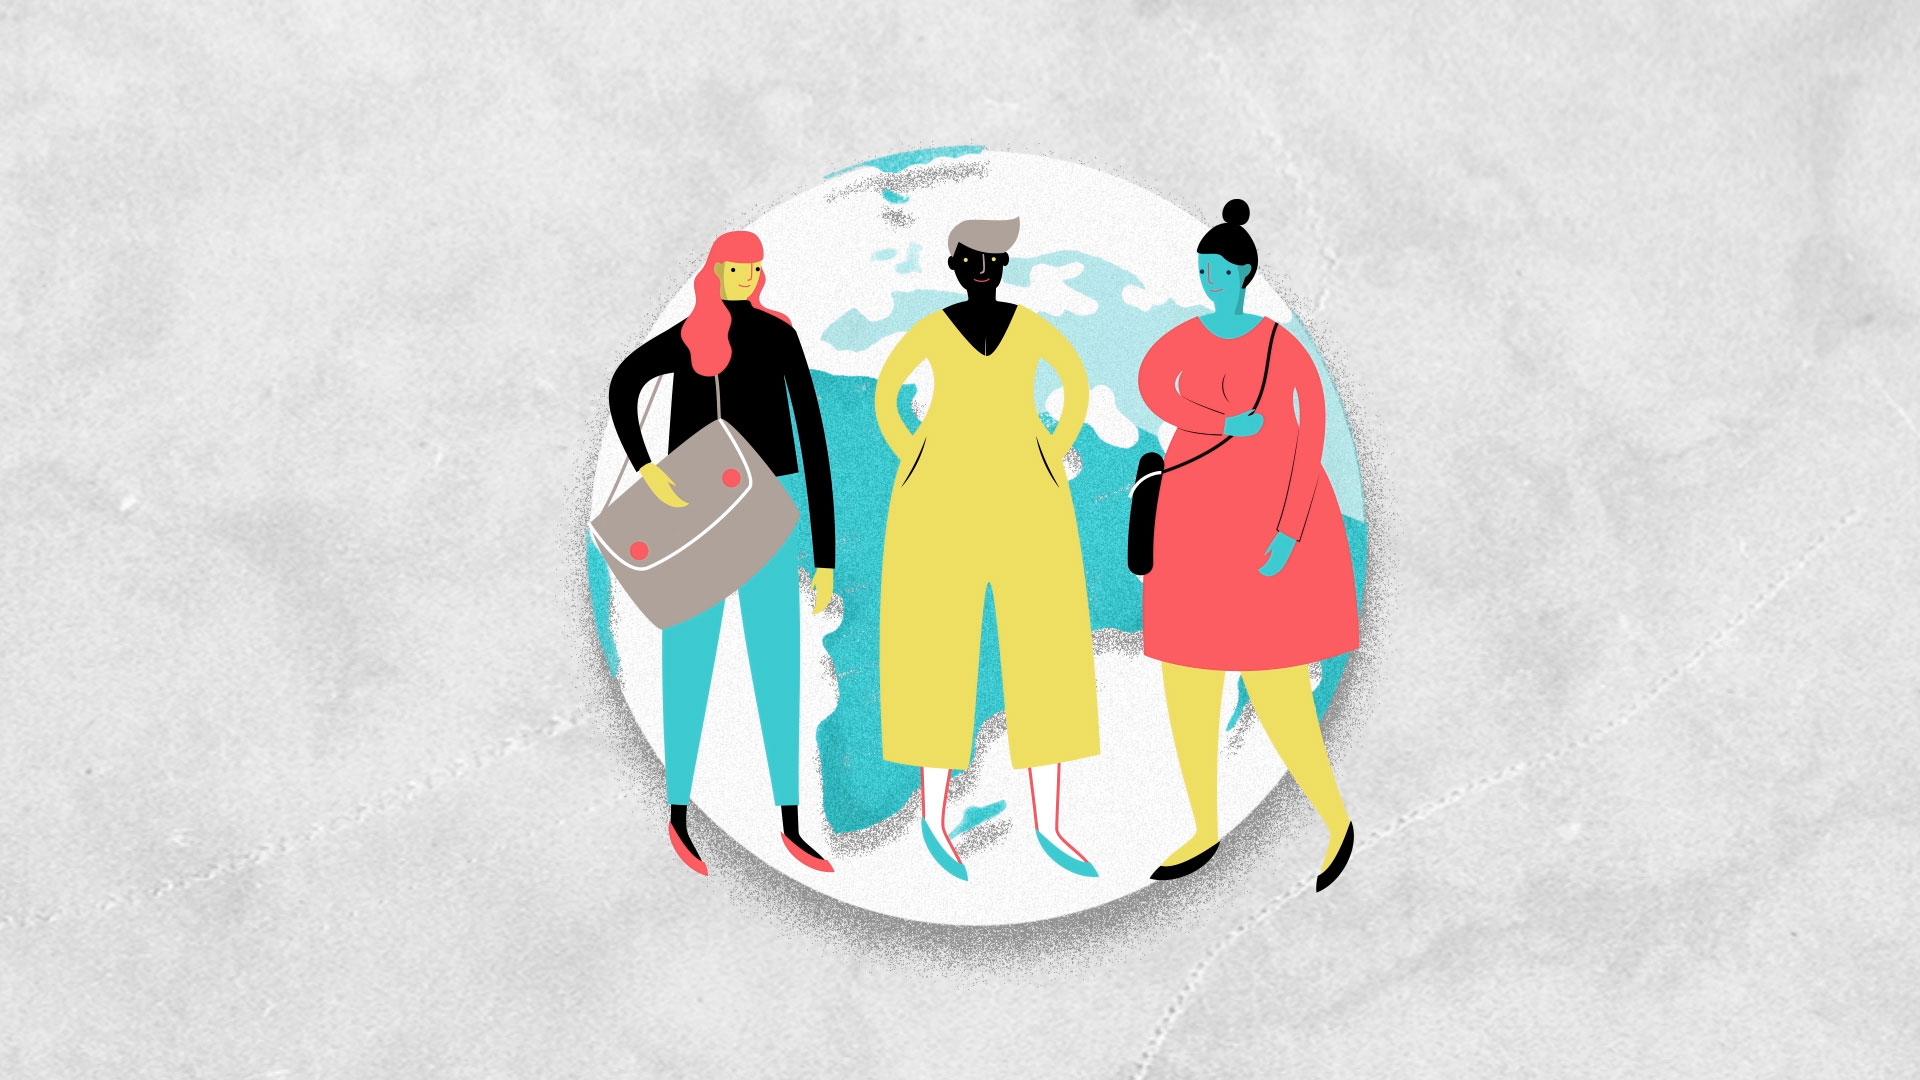 Uppropet #kvinnorsval går att underteckna mellan åttonde mars och valet den nionde september.